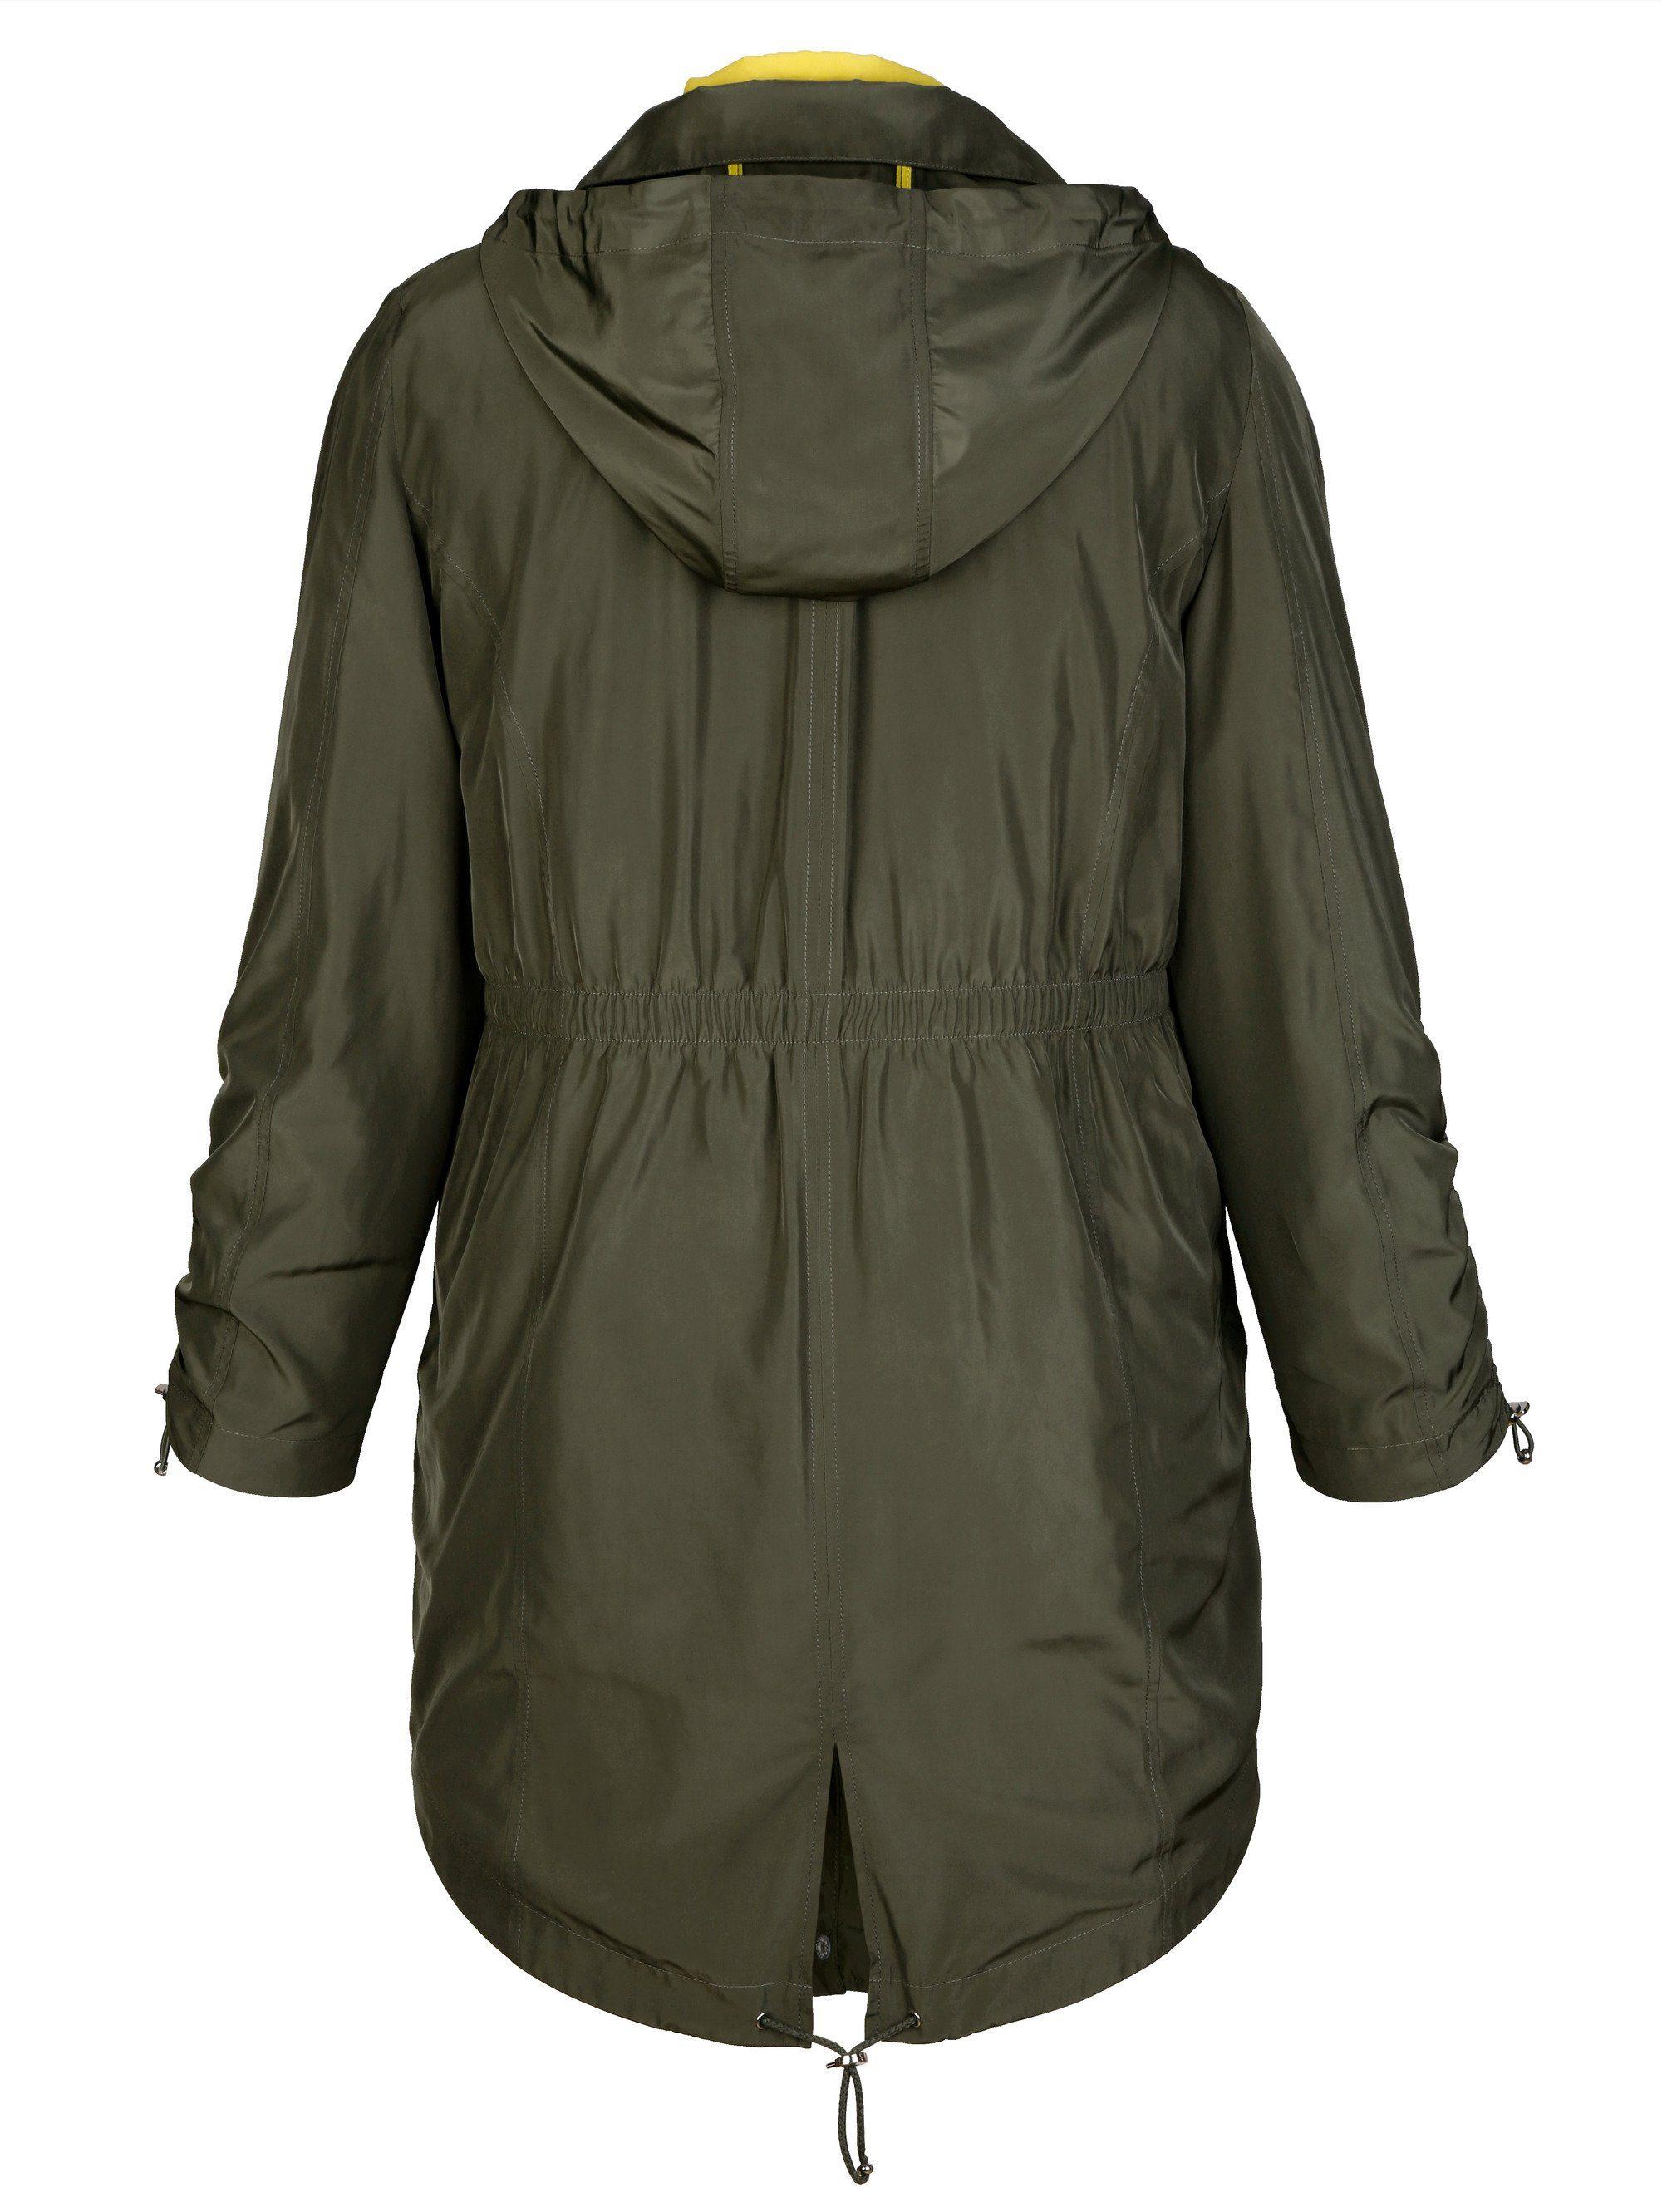 MIAMODA 2-in-1 Jacke bestehend aus Weste und Parka   Bekleidung > Westen > Sonstige Westen   Miamoda